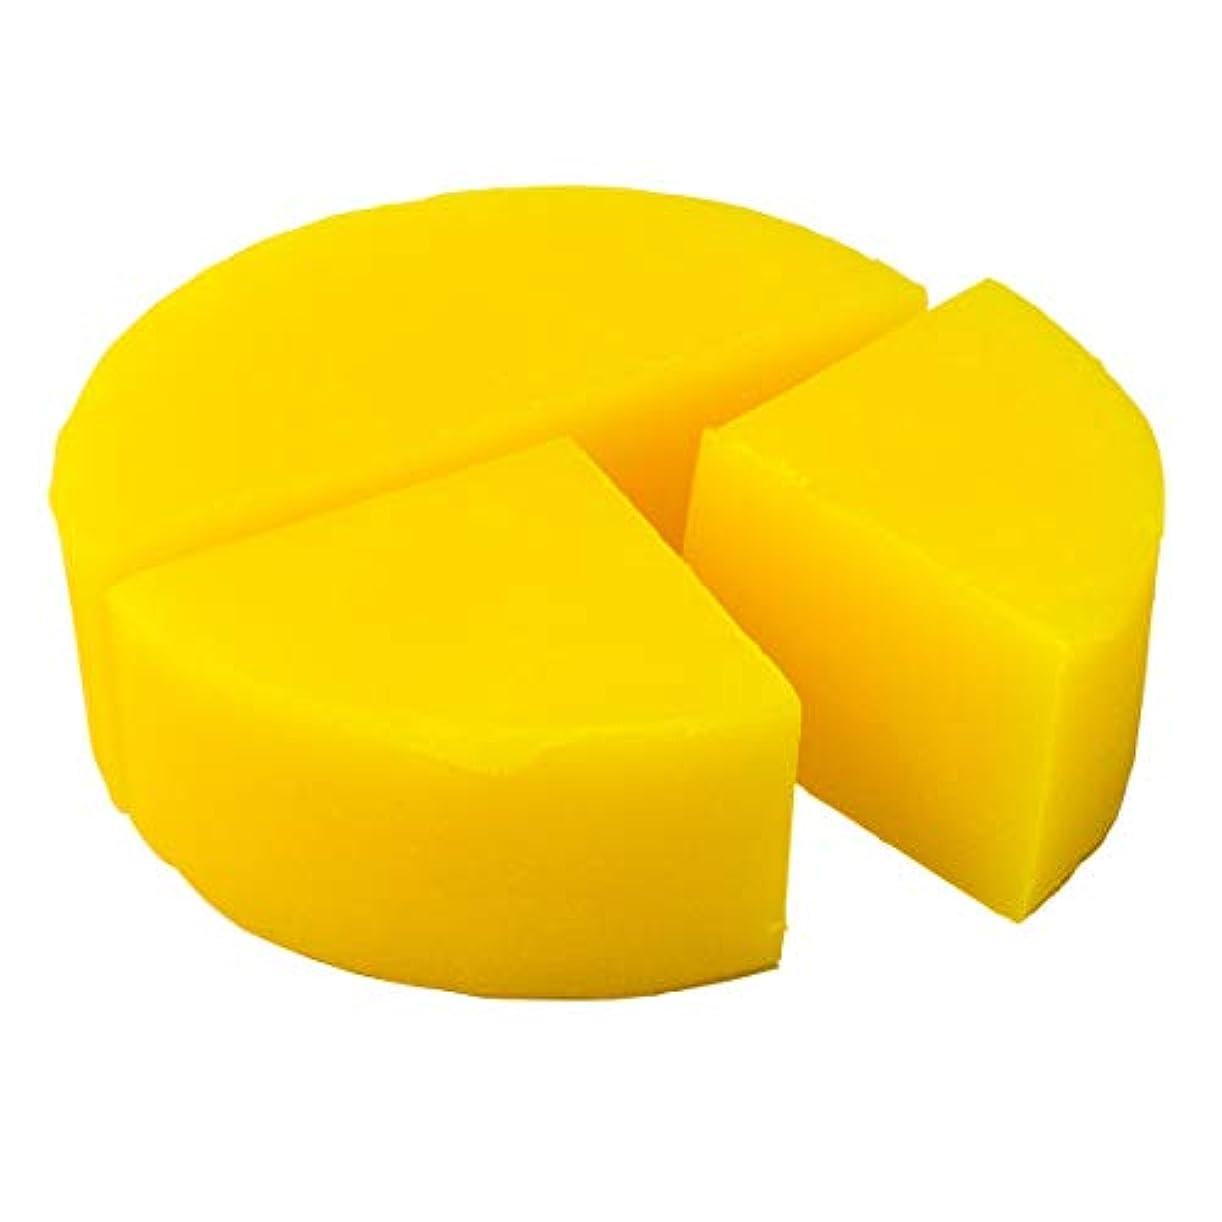 郵便局職人スラムグリセリン クリアソープ (MPソープ) 色チップ 黄 100g